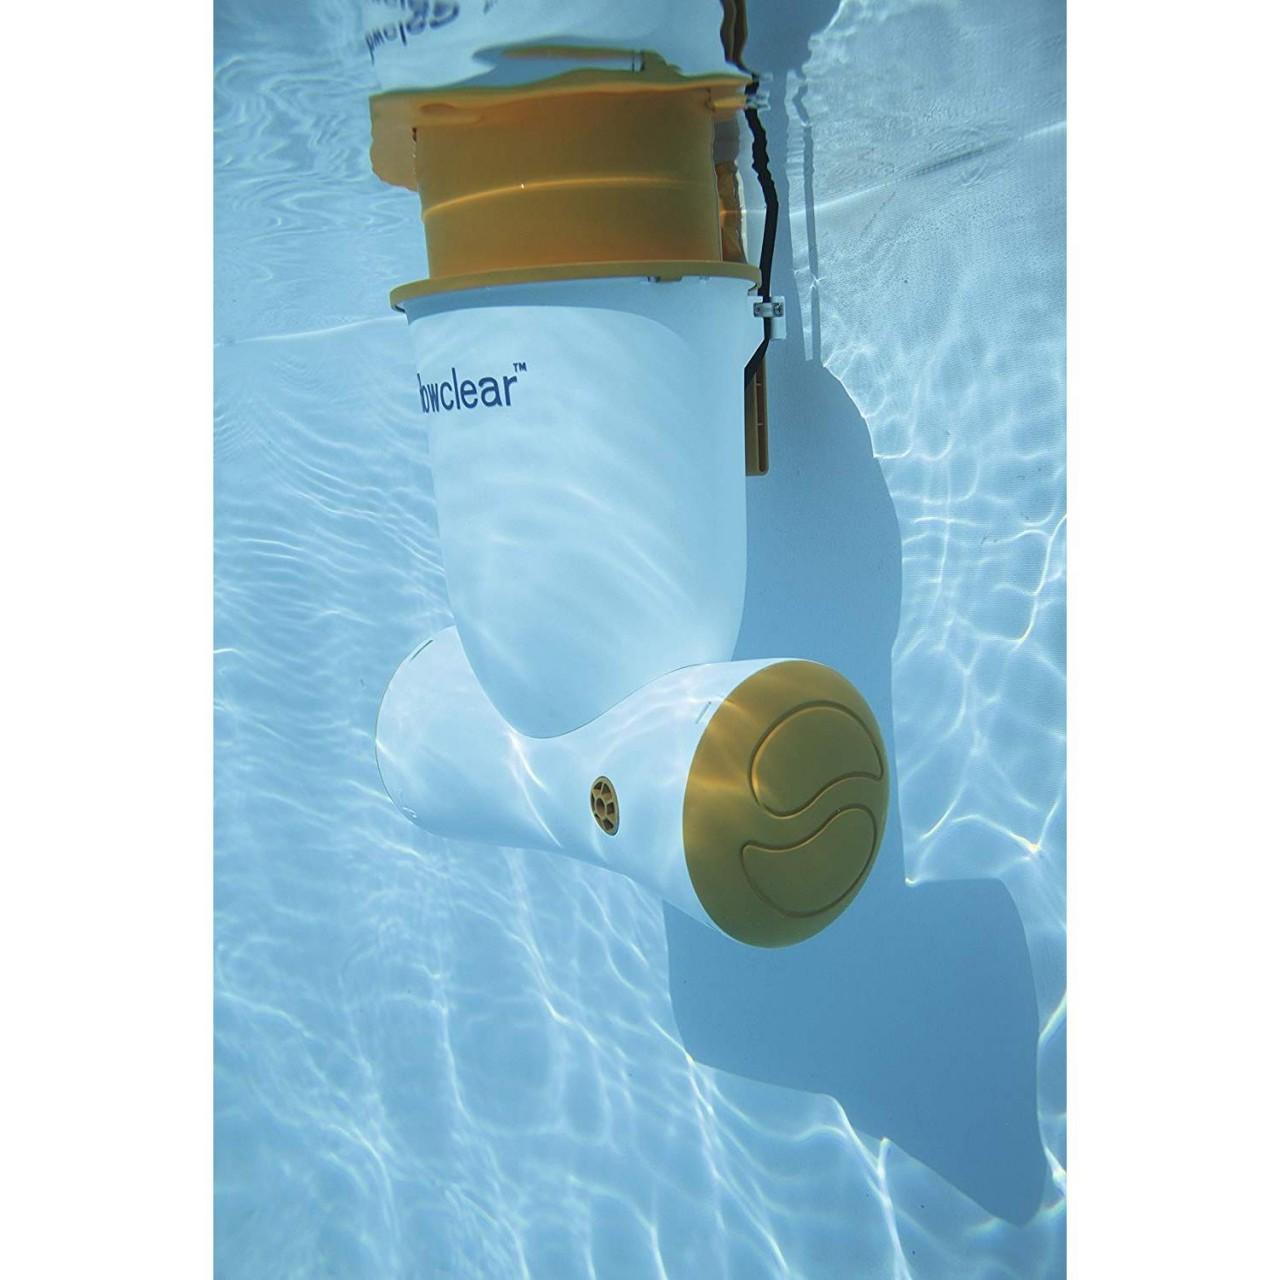 Bestway 58469 Skimmer Skimatic Einhüngefilterpumpe Pumpe Flowclear 3.974 l/h